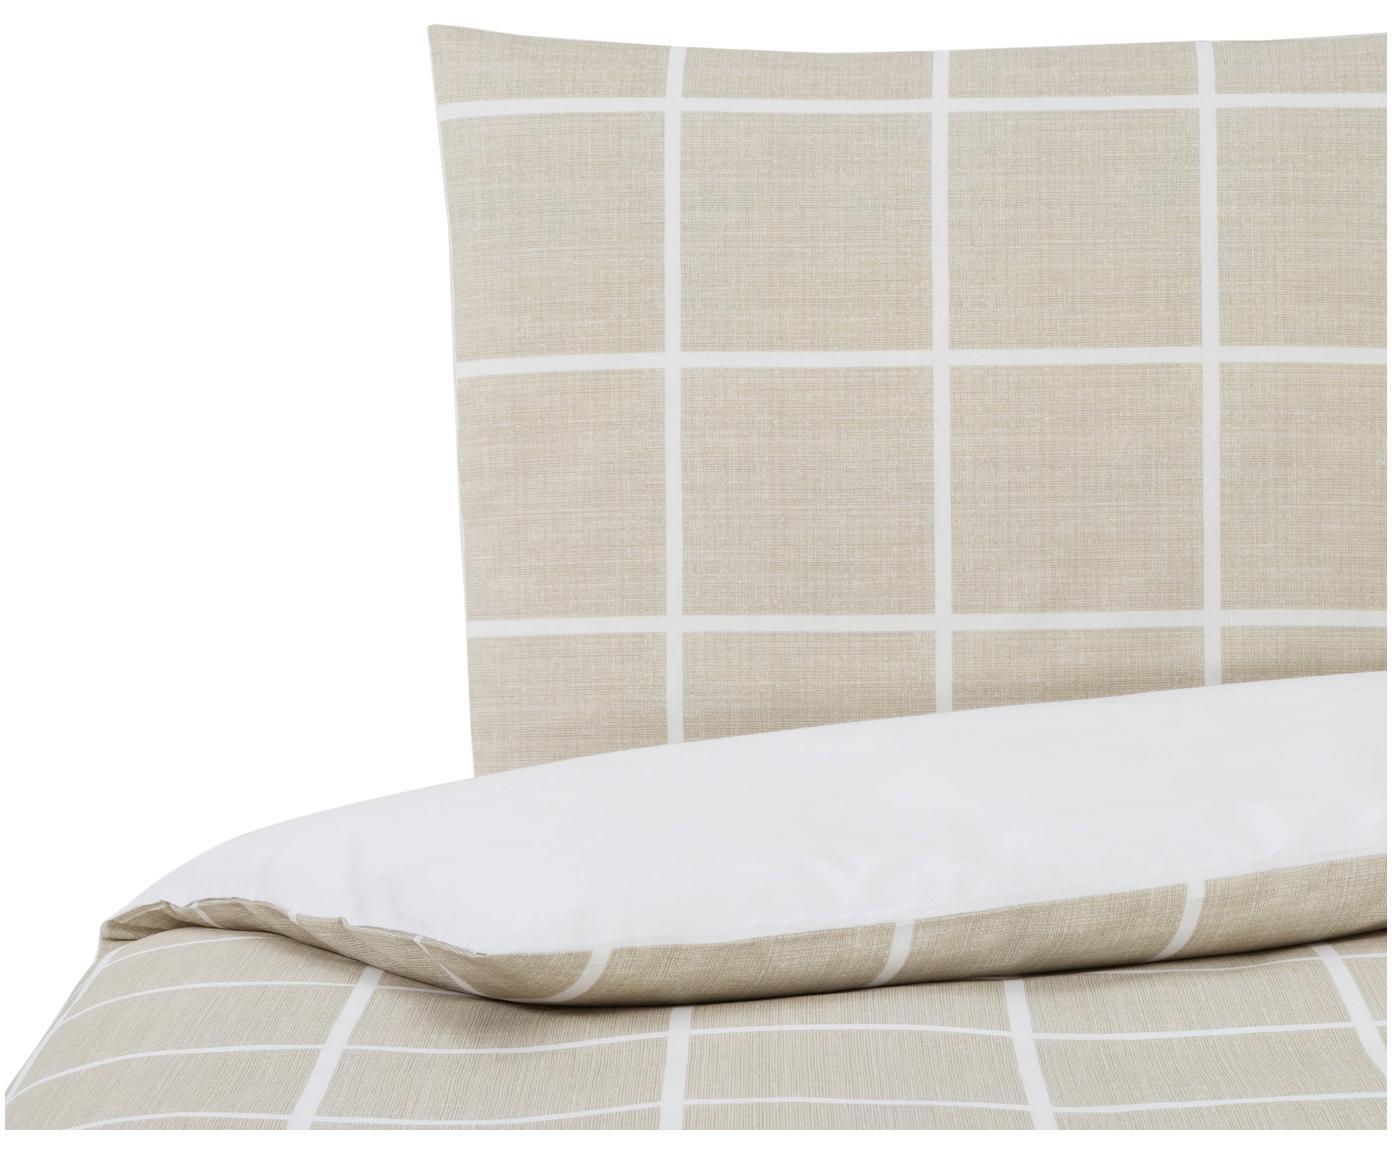 Dubbelzijdig dekbedovertrek Barte, Katoen, Bovenzijde: taupe, wit. Onderzijde: wit, 140 x 200 cm